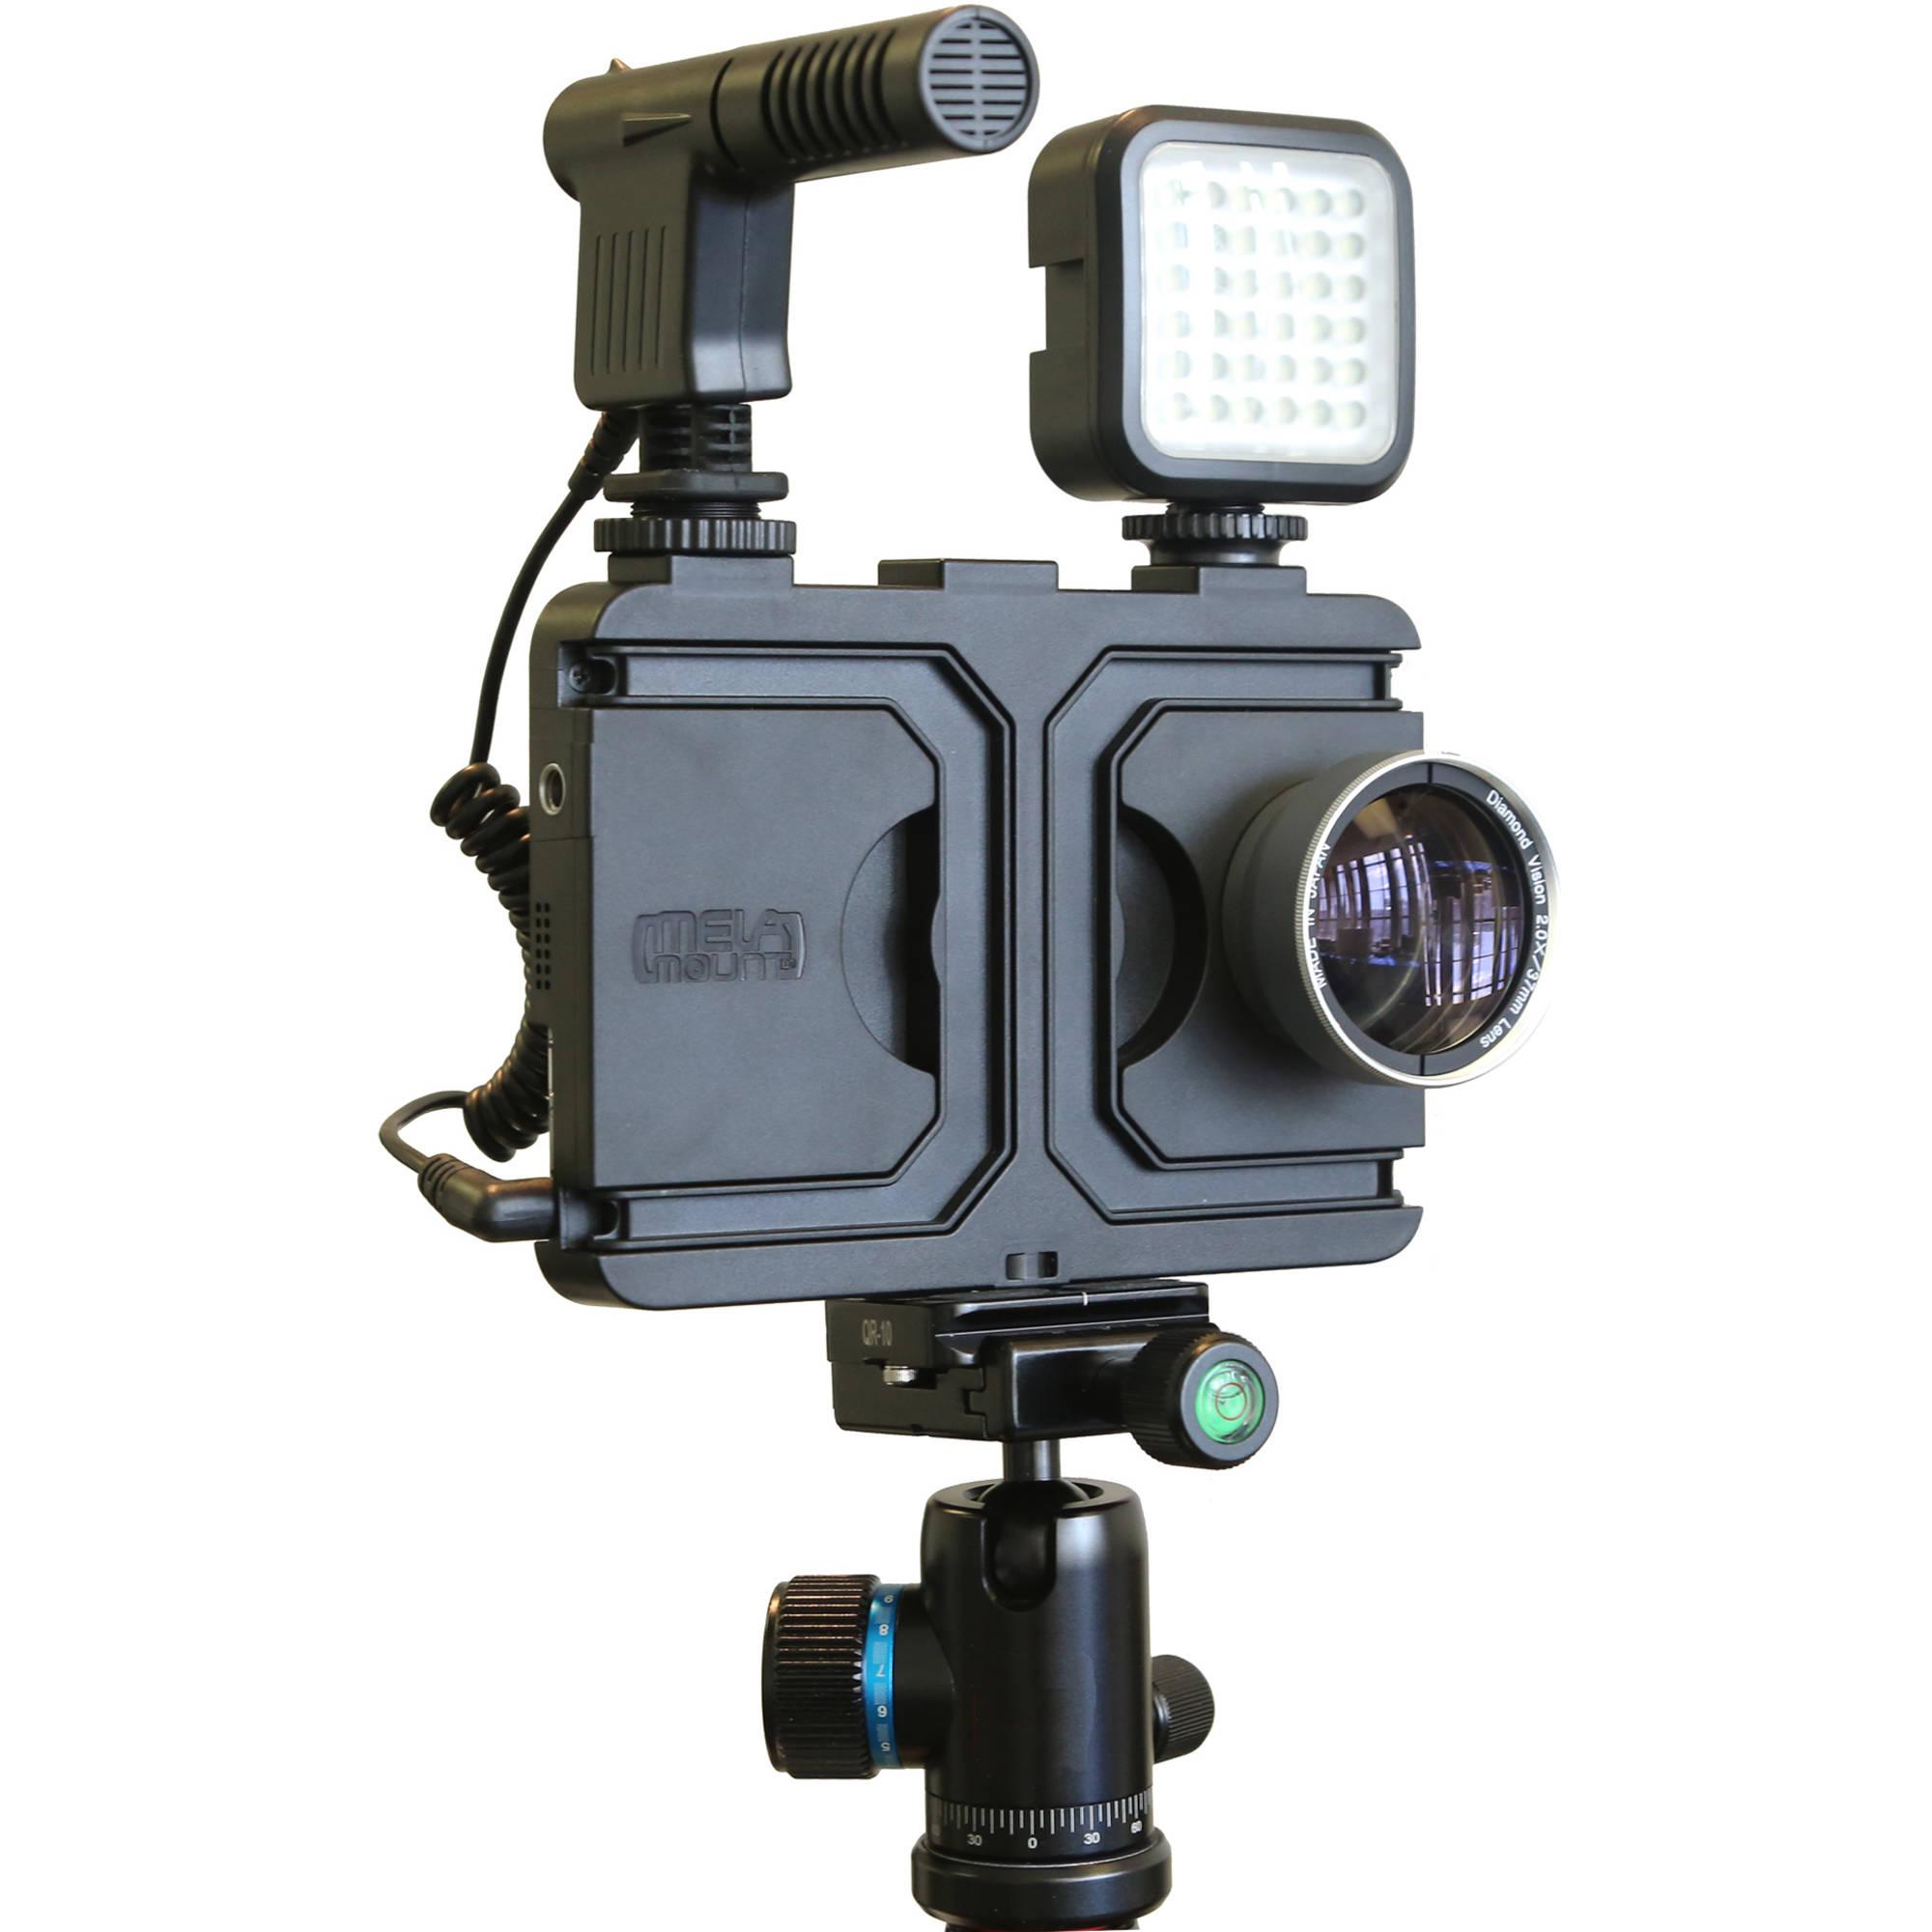 d9c4fe25ab40 Melamount Video Stabilizer Pro Multimedia Rig Case for iPhone 7 Plus/8 Plus